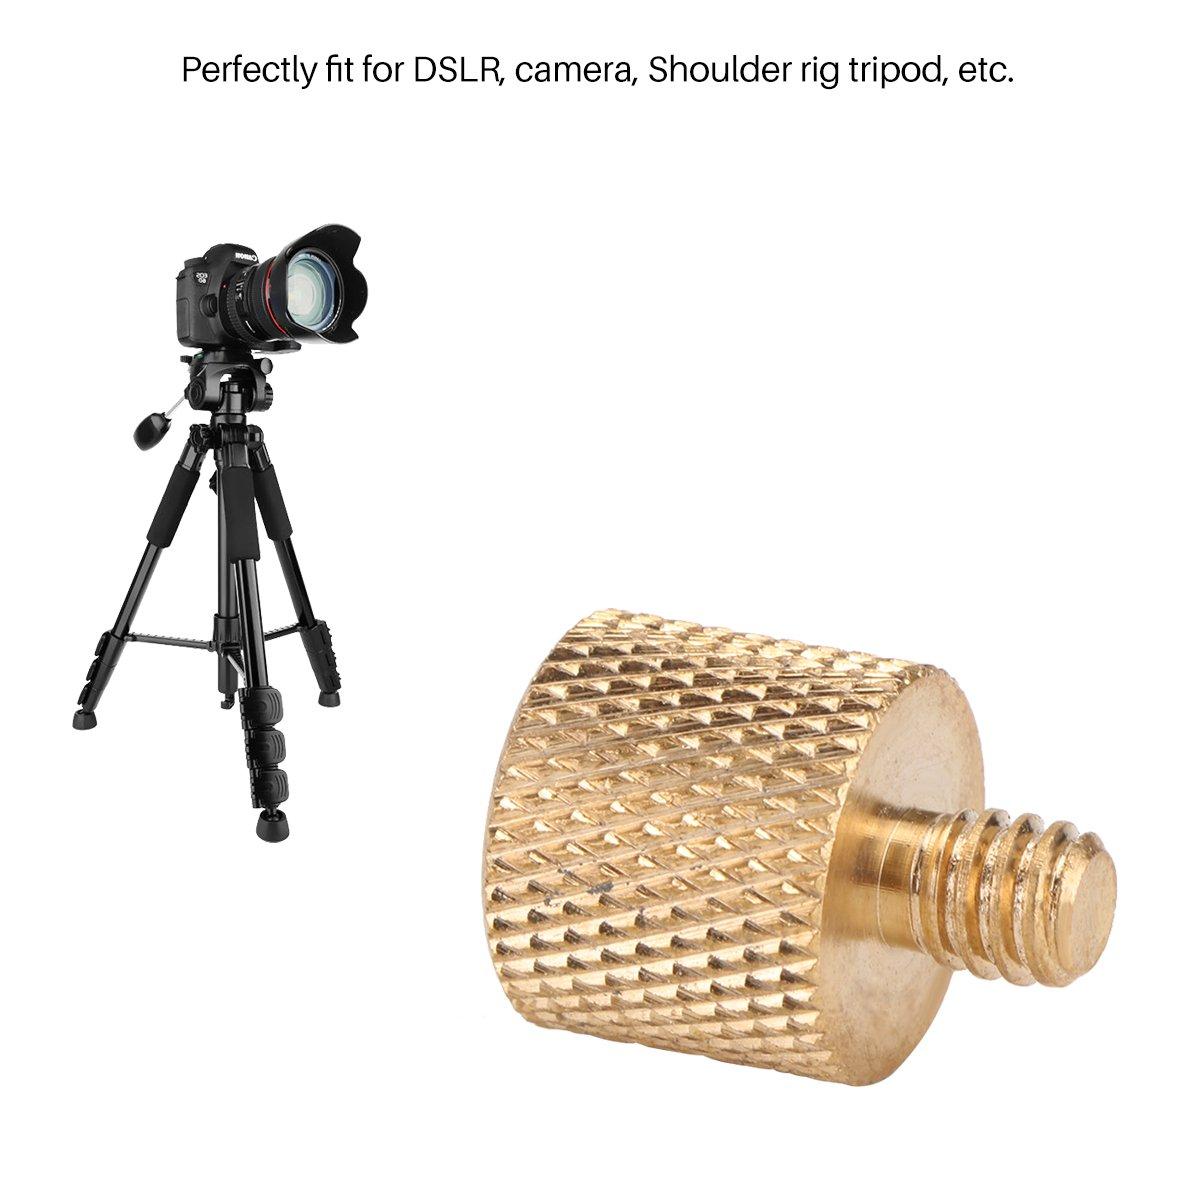 1PC ONEVER 3//8-16 femmina a 1//4-20 adattatore maschio filettato a vite per Rig DSLR spalla della macchina fotografica Tripod